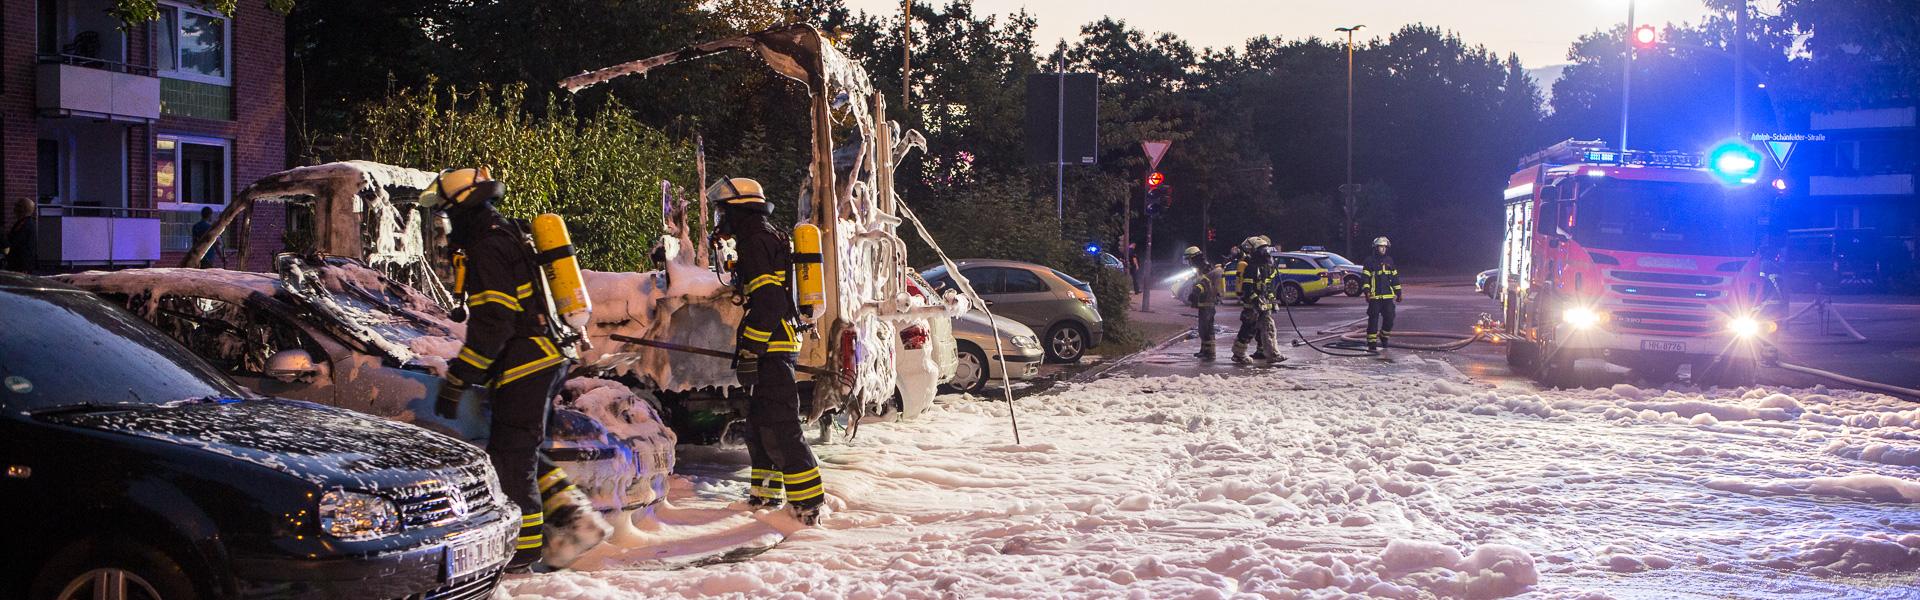 25.07.2018 – Wohnmobil und drei PKWs brennen aus